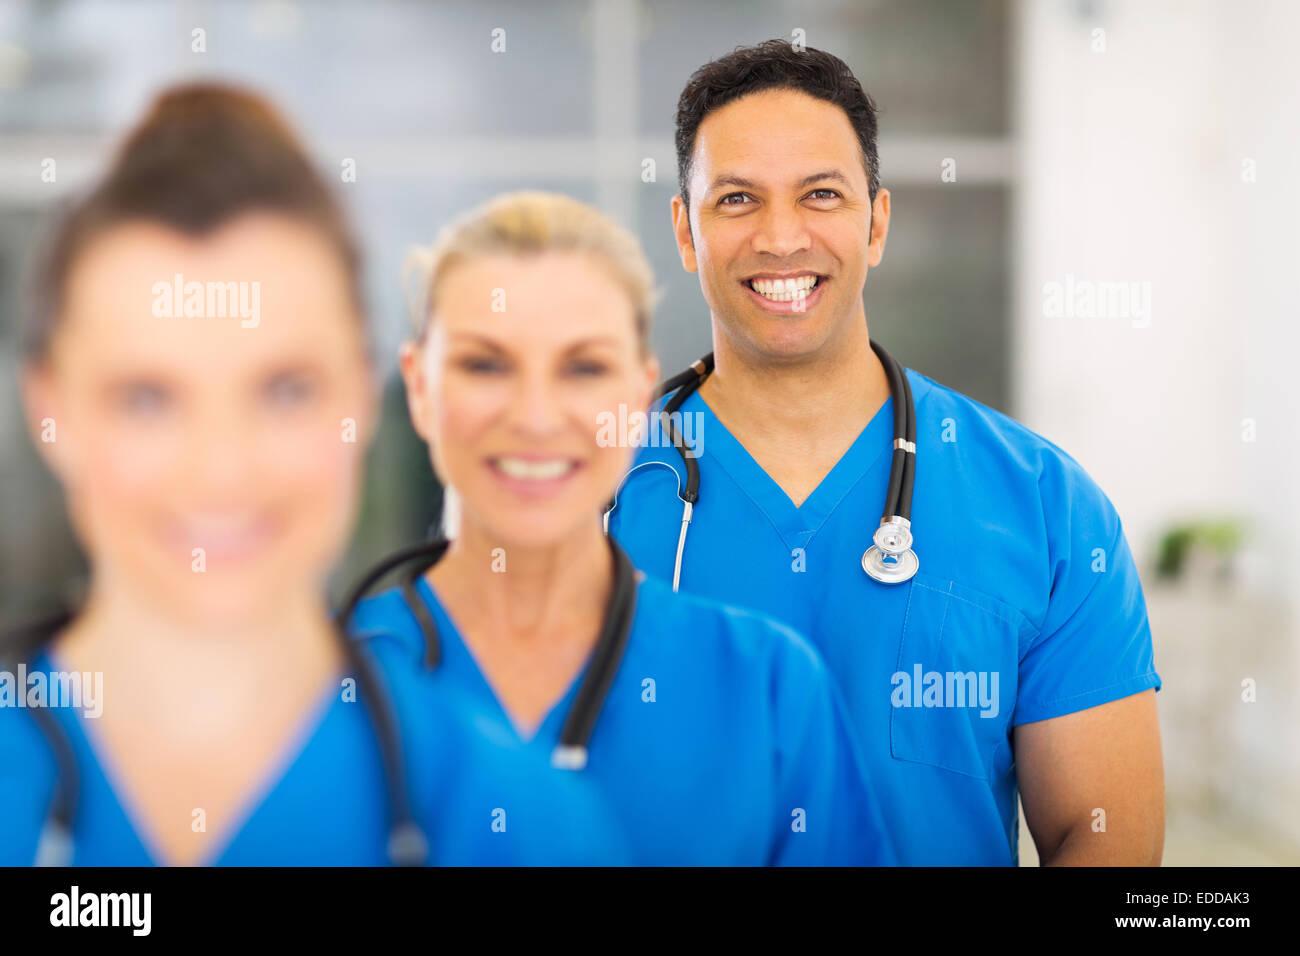 Gruppo dei moderni professionisti del settore medico in ospedale Immagini Stock